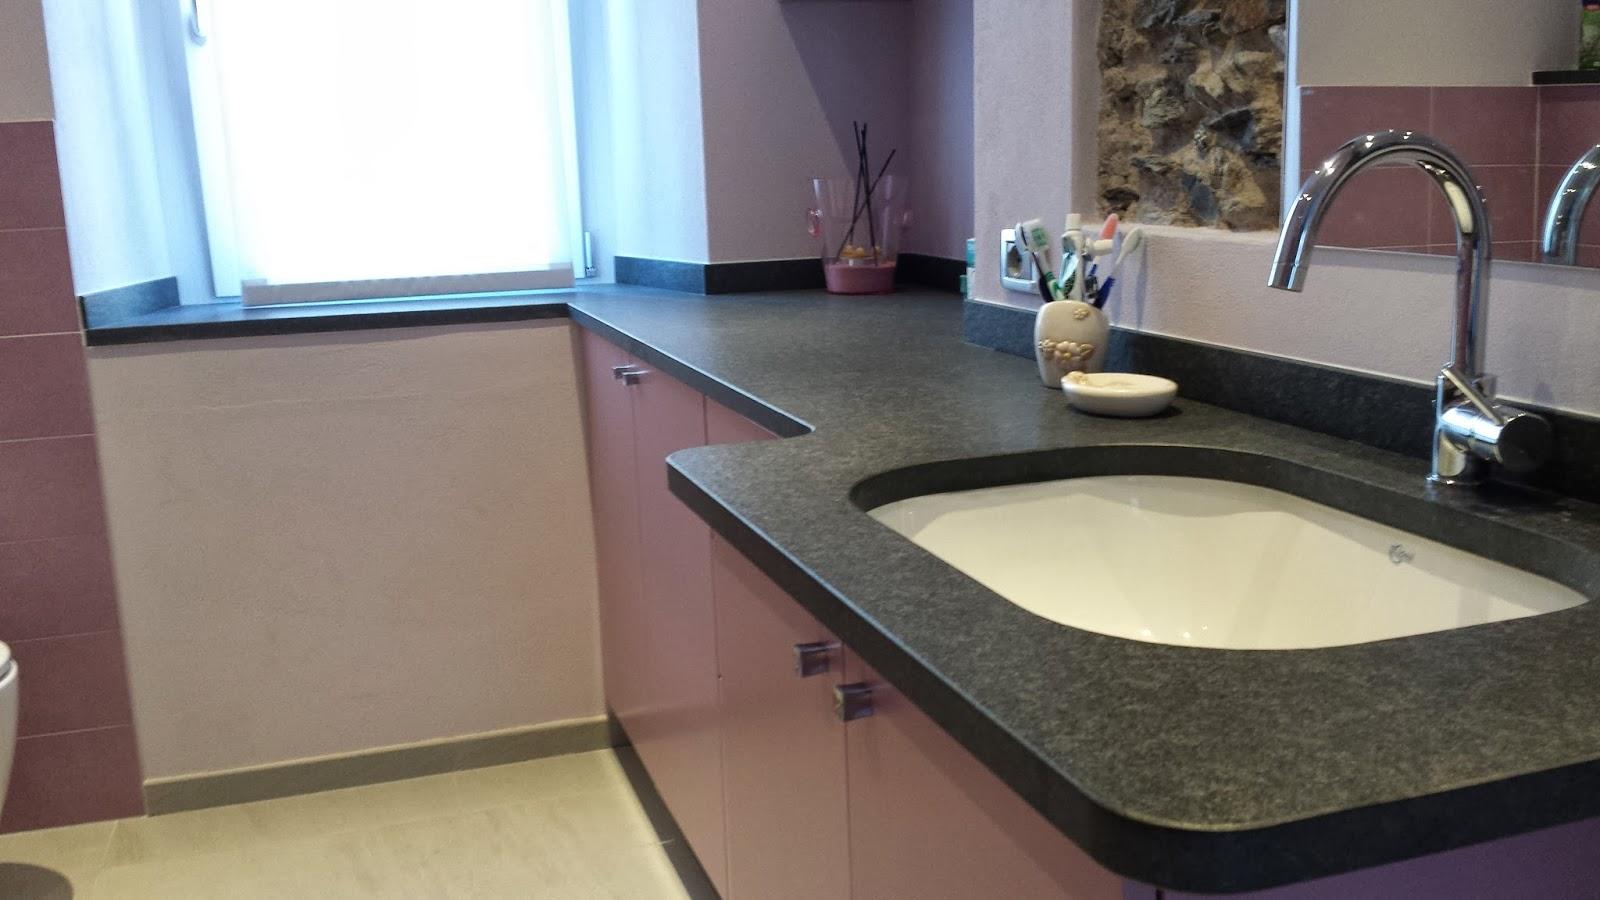 Graniti cusio stone 39 s park top bagno - Top bagno okite ...